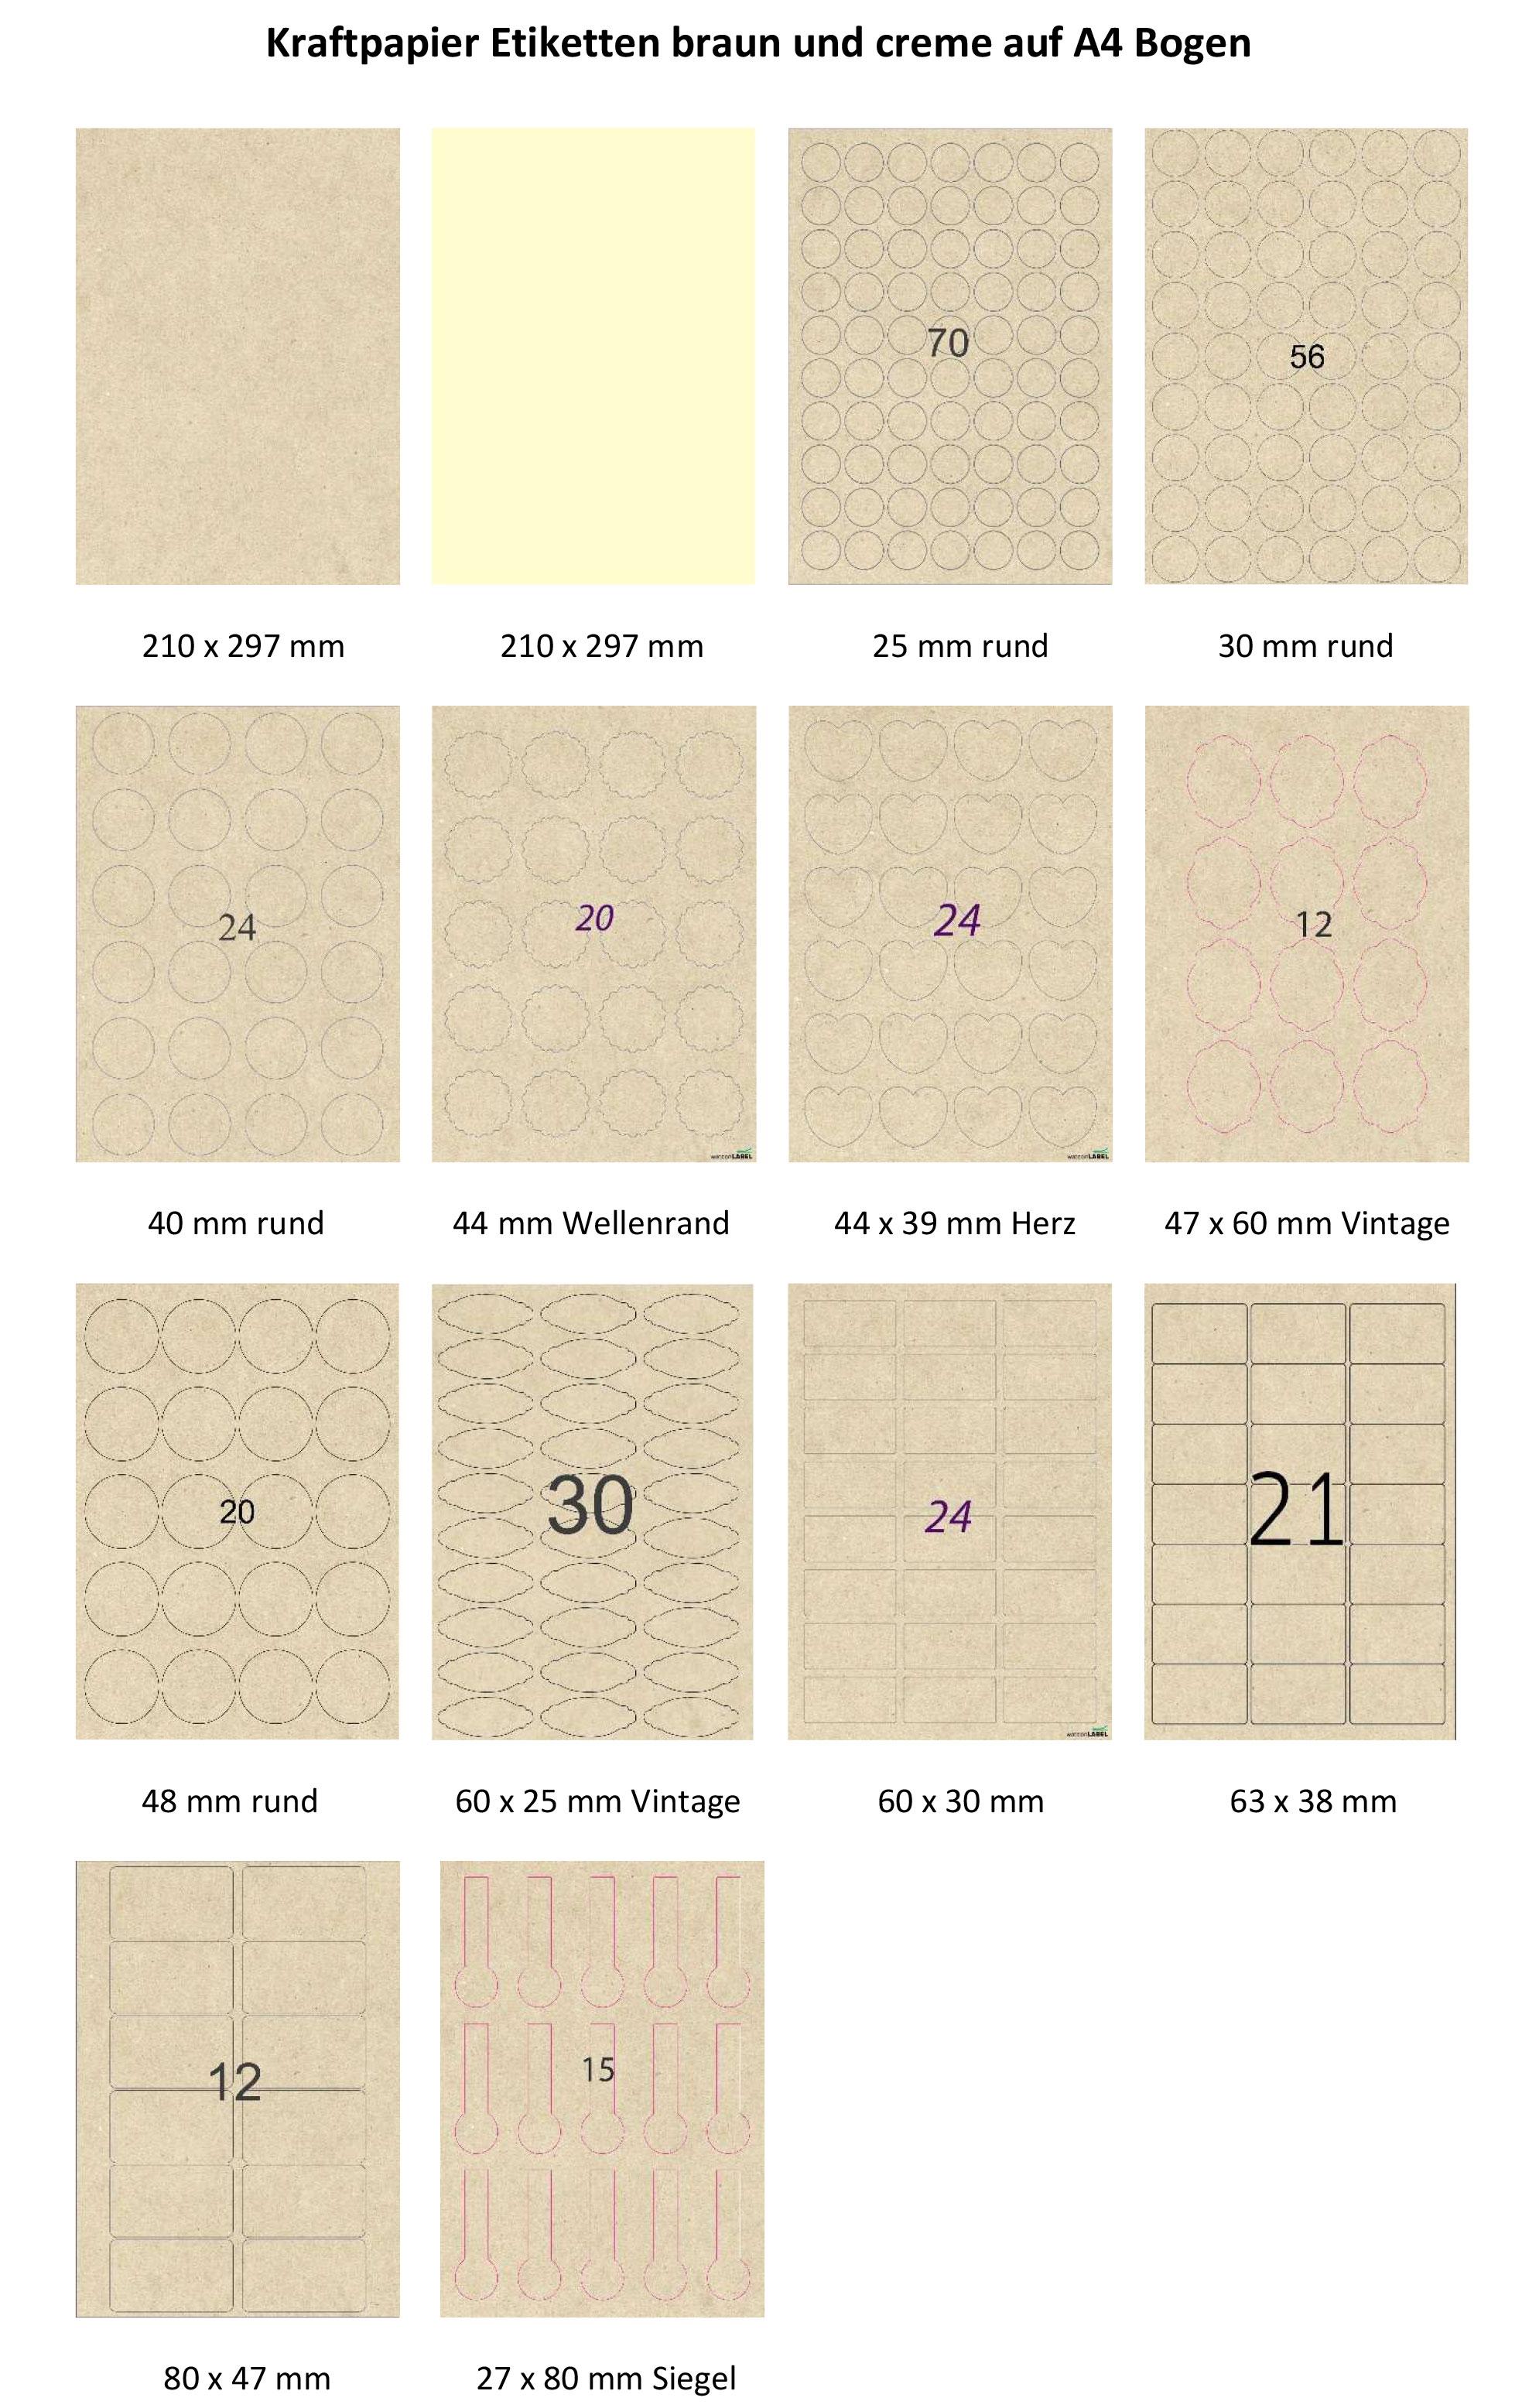 Kraftpapier Etiketten braun und creme auf A4 Bogen Standardformate